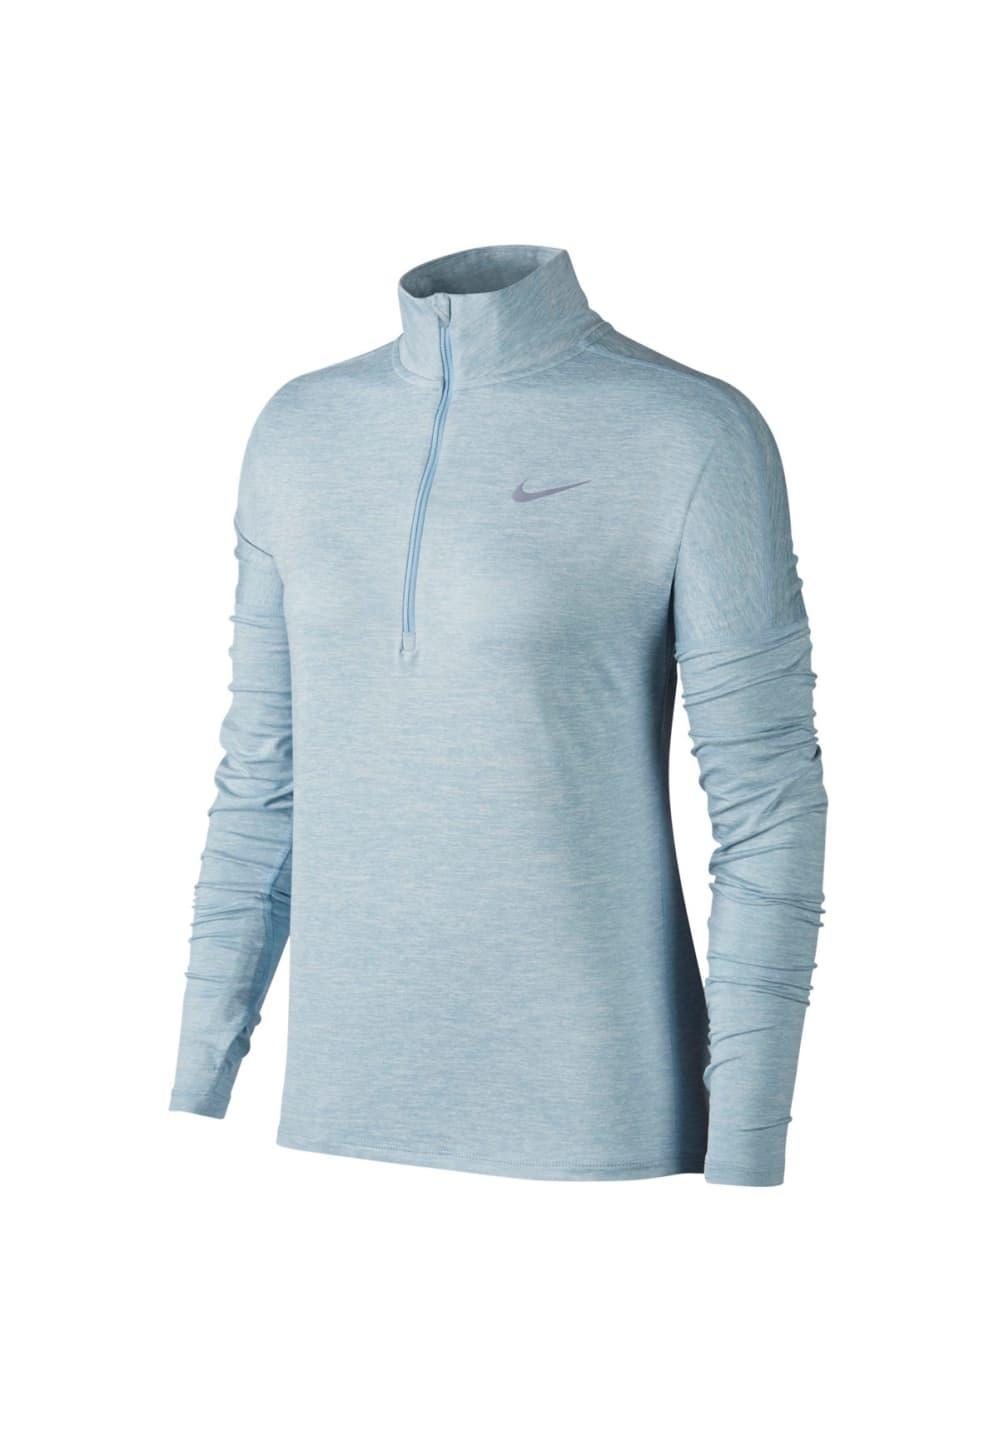 Nike Dry Element Running Top - Laufshirts für Damen - Blau, Gr. XL